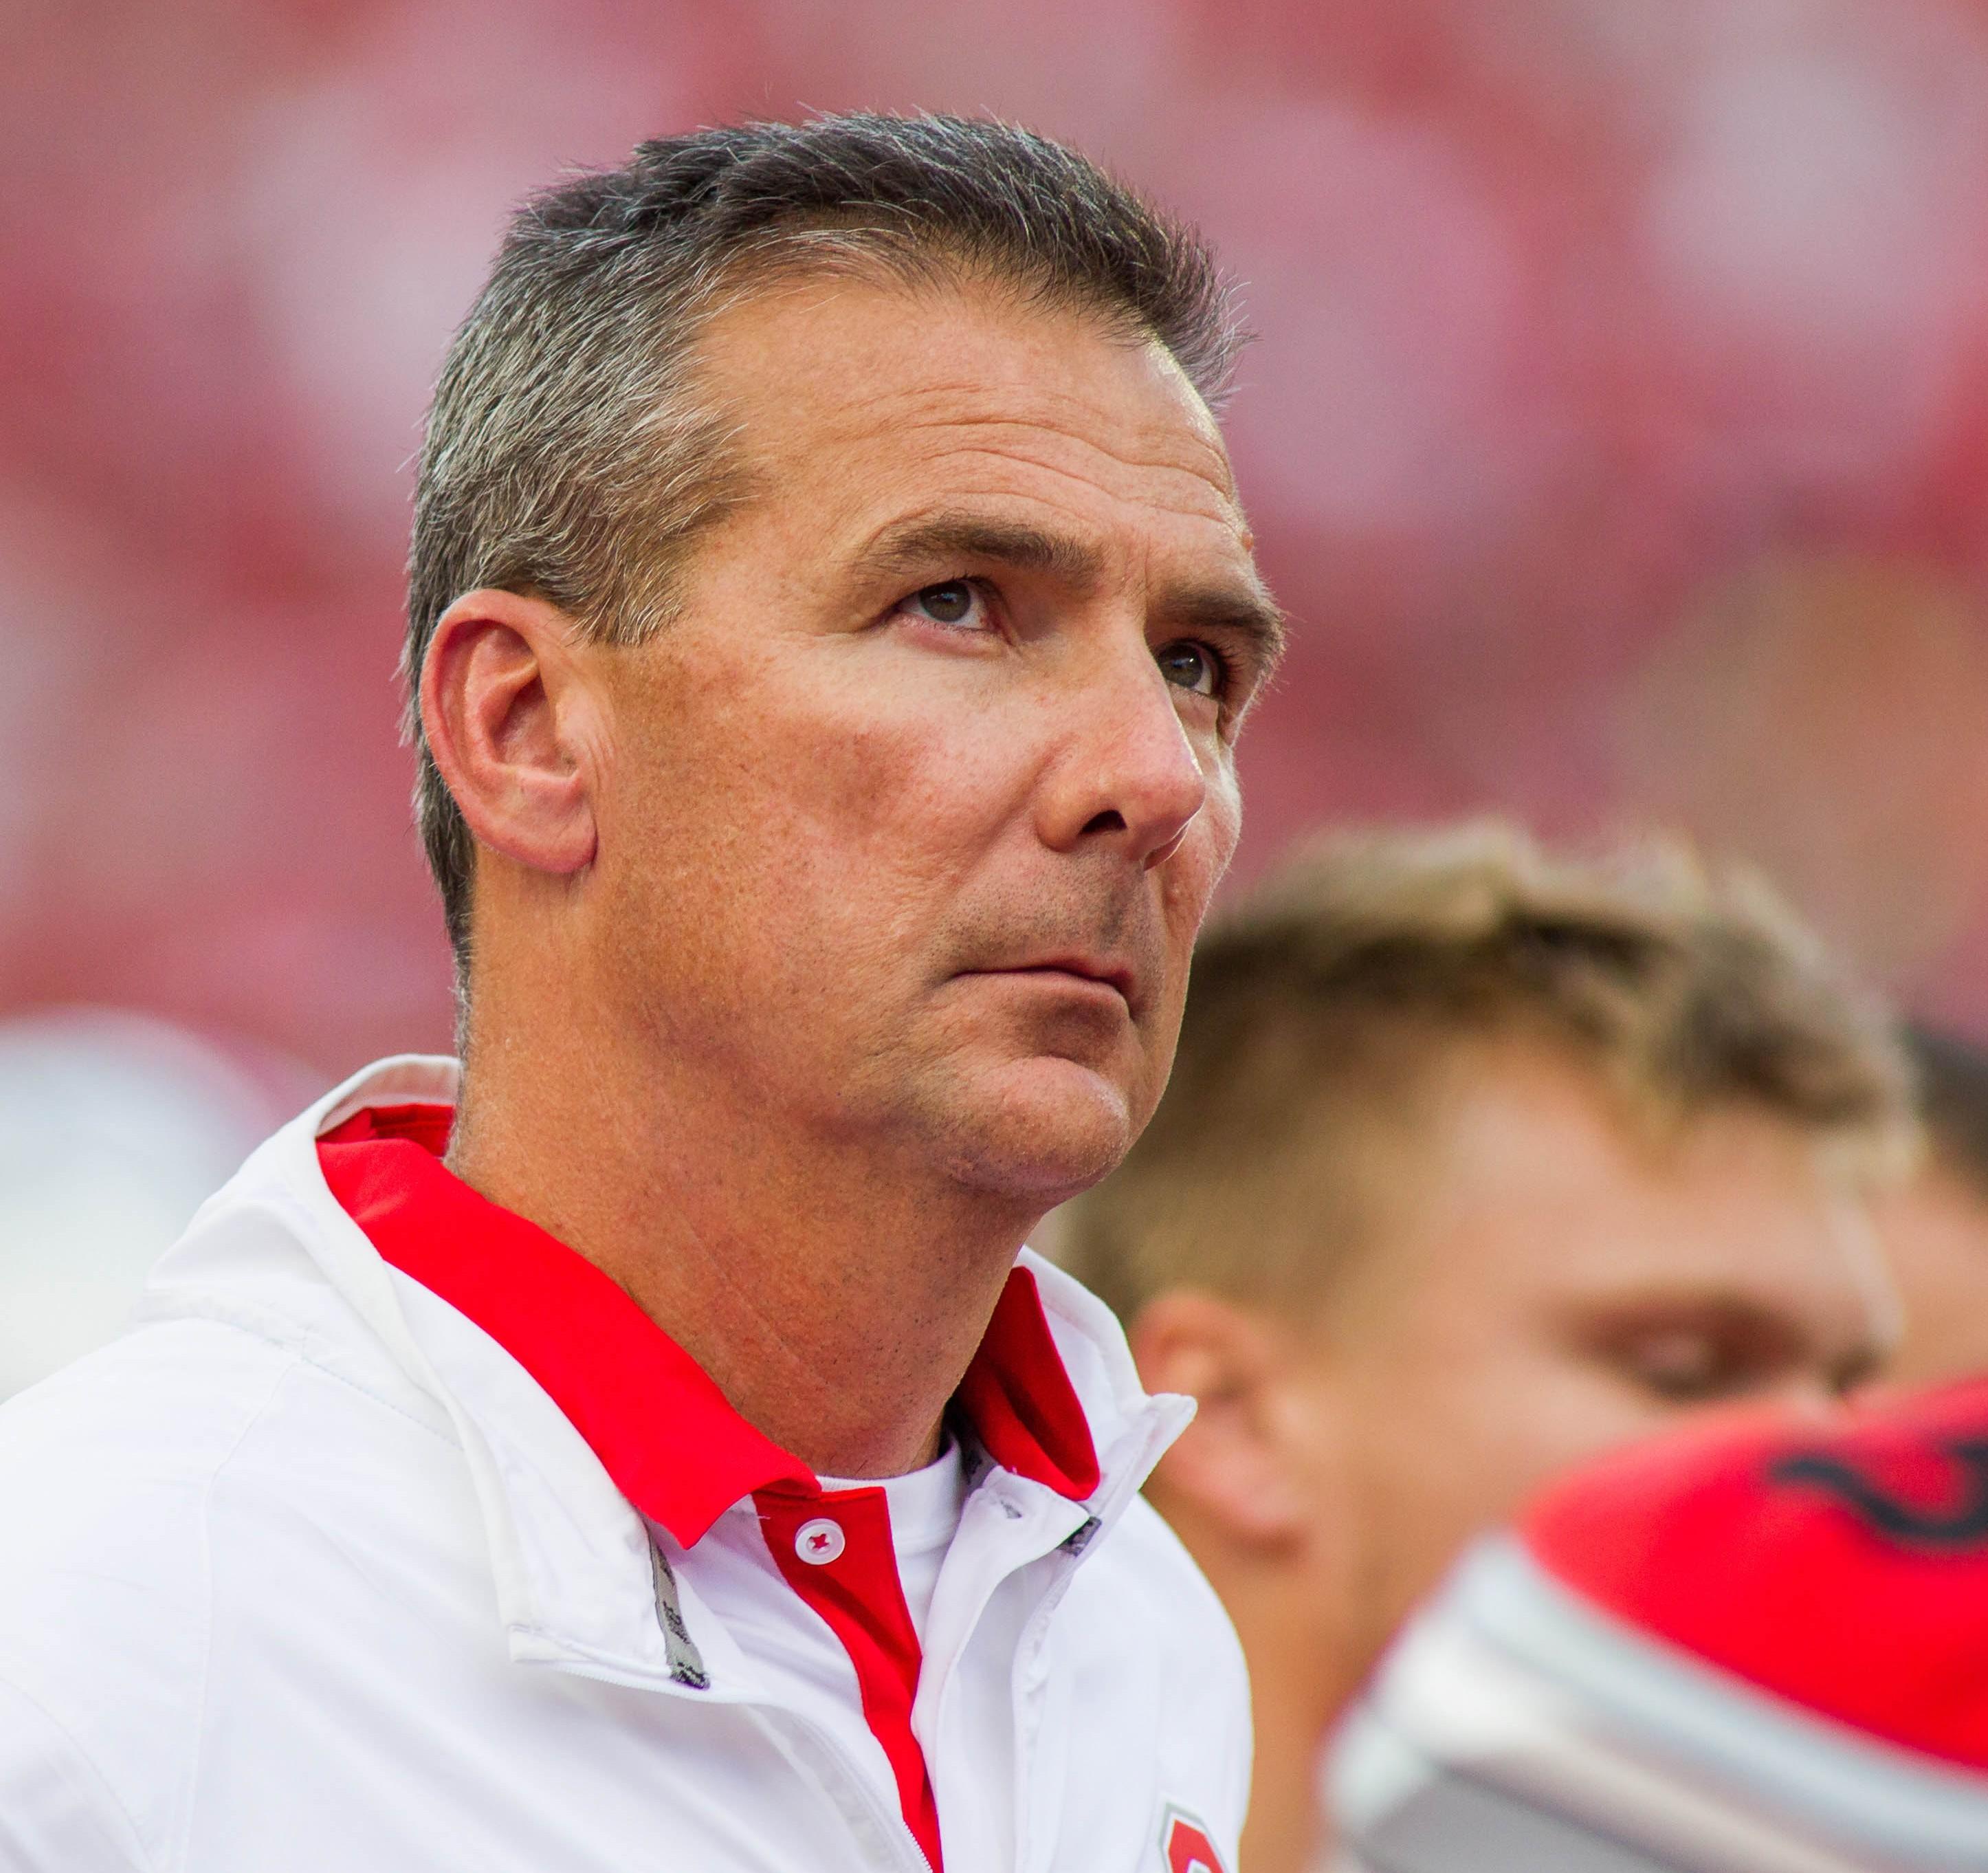 Ohio State Buckeyes head coach Urban Meyer. (Photo: Trevor Ruszkowski, USA TODAY Sports)